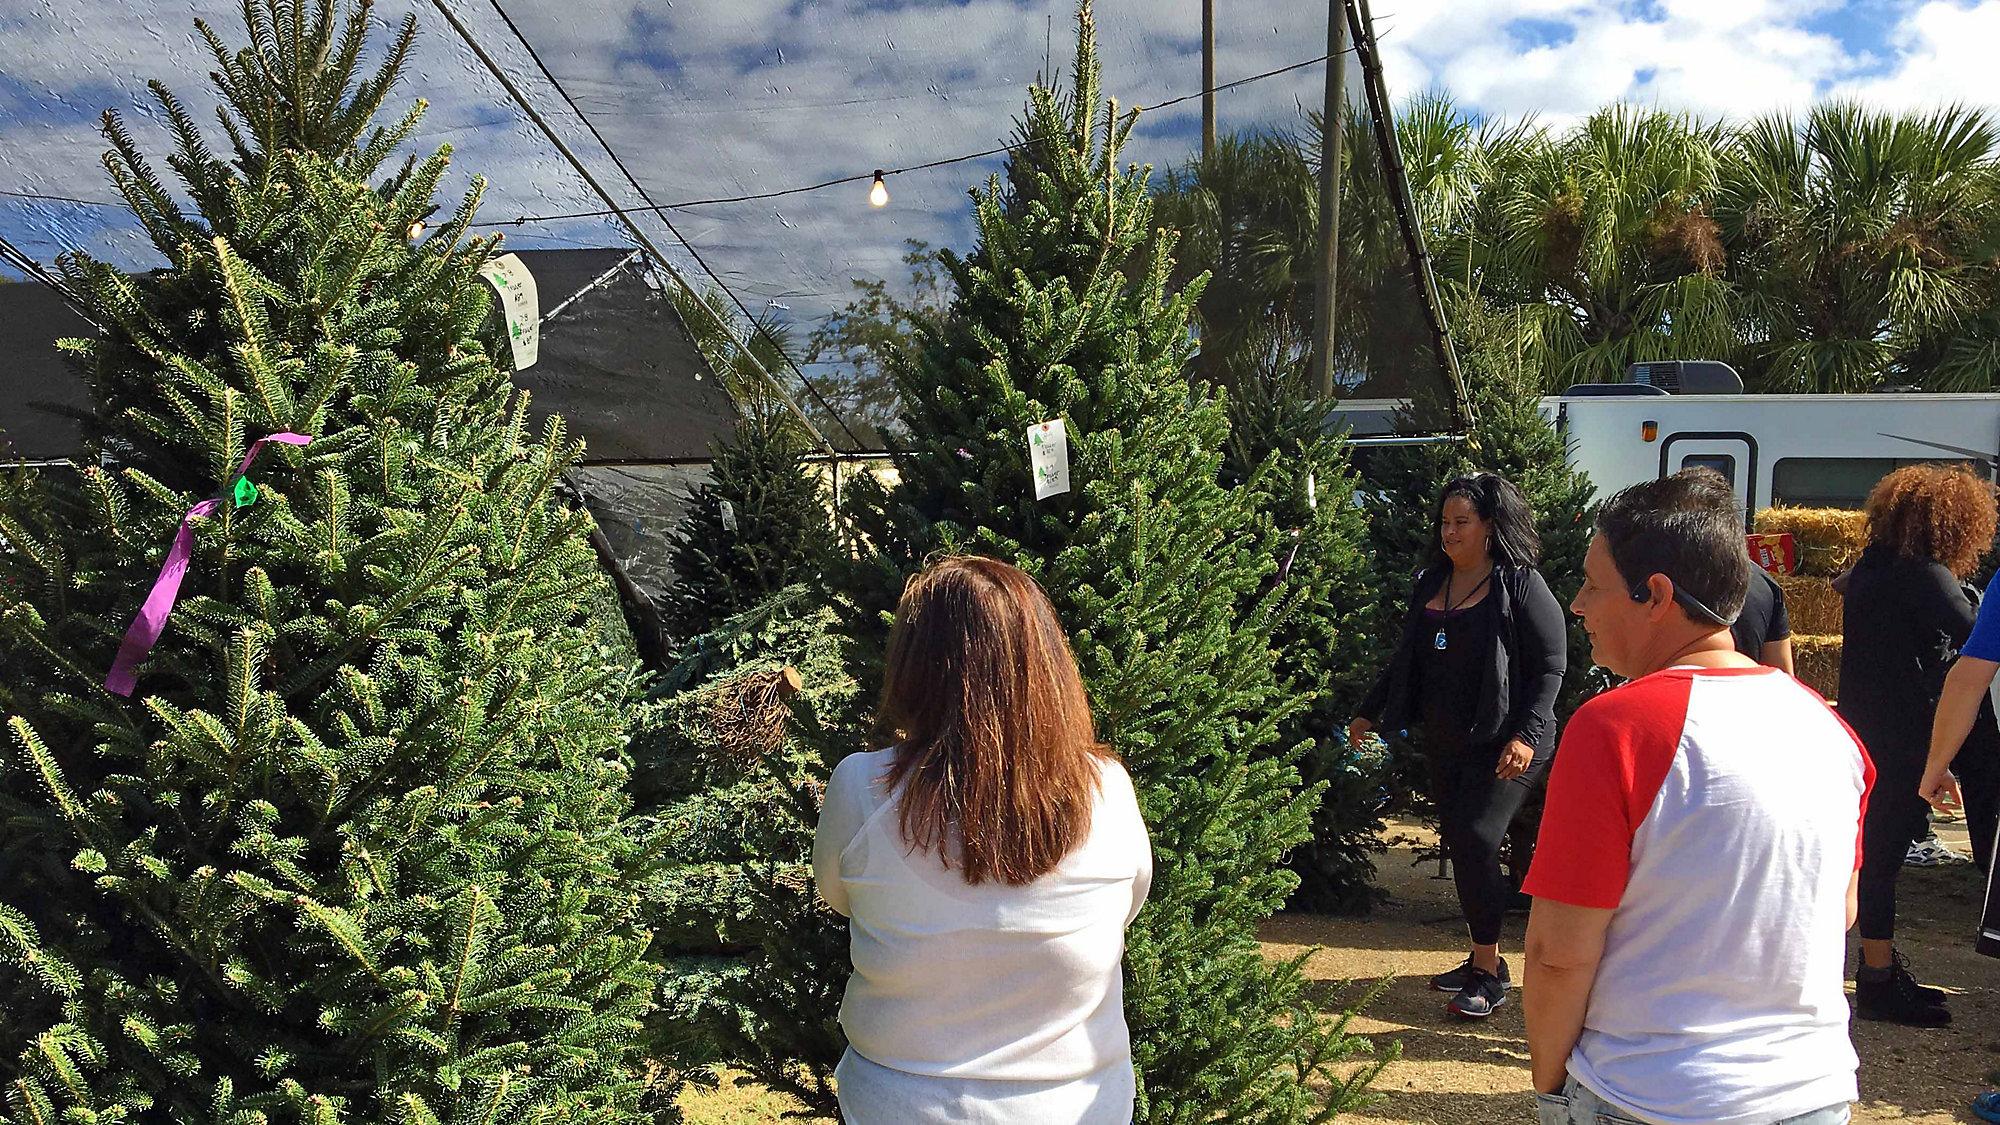 Christmas Tree Back.Christmas Tree Business Makes Comeback After Tornado